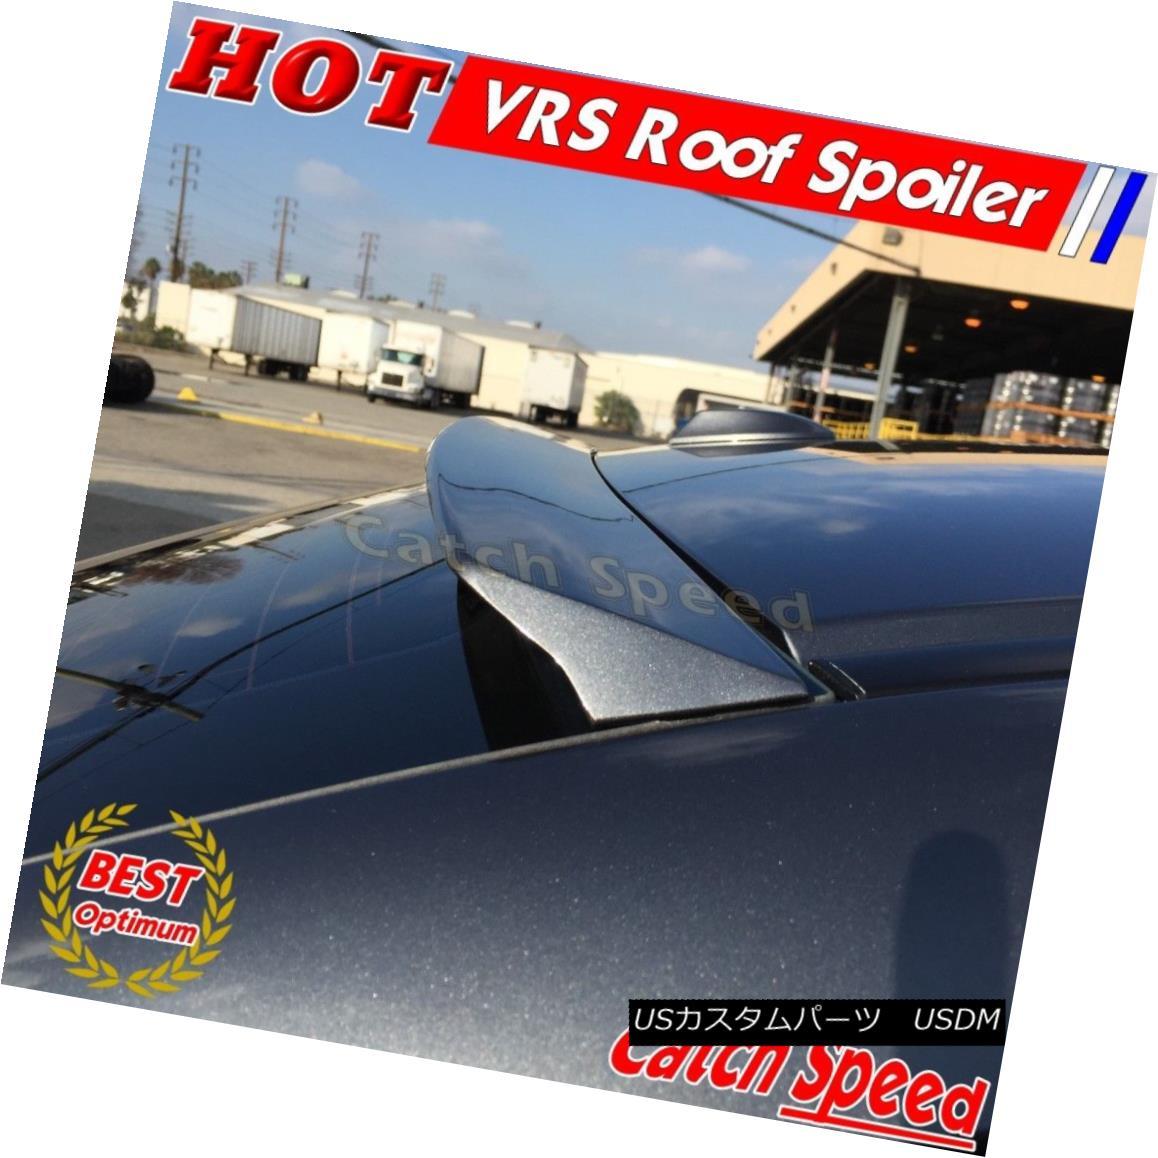 エアロパーツ Painted VRS Rear Window Roof Visor Spoiler For 5-series BMW E60 Sedan 2004~09 ? VRSリアウィンドウルーフバイザースポイラーを塗装5シリーズBMW E60セダン2004?09?